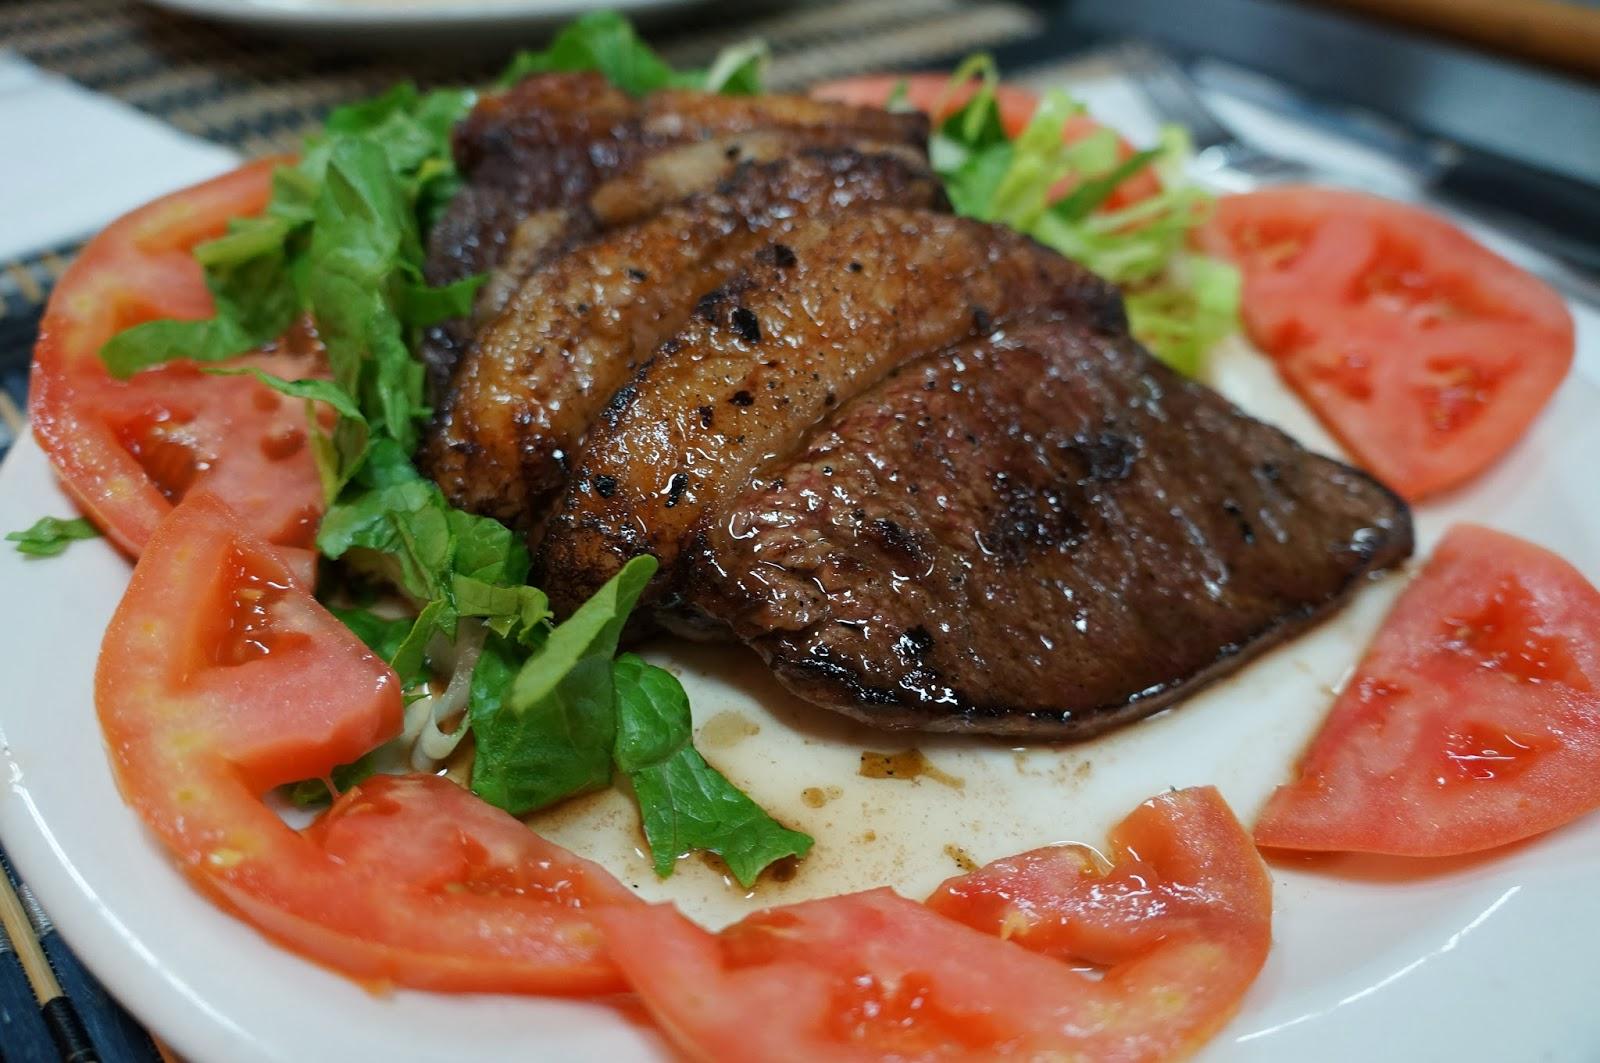 Muita carne no restaurante - 2 7